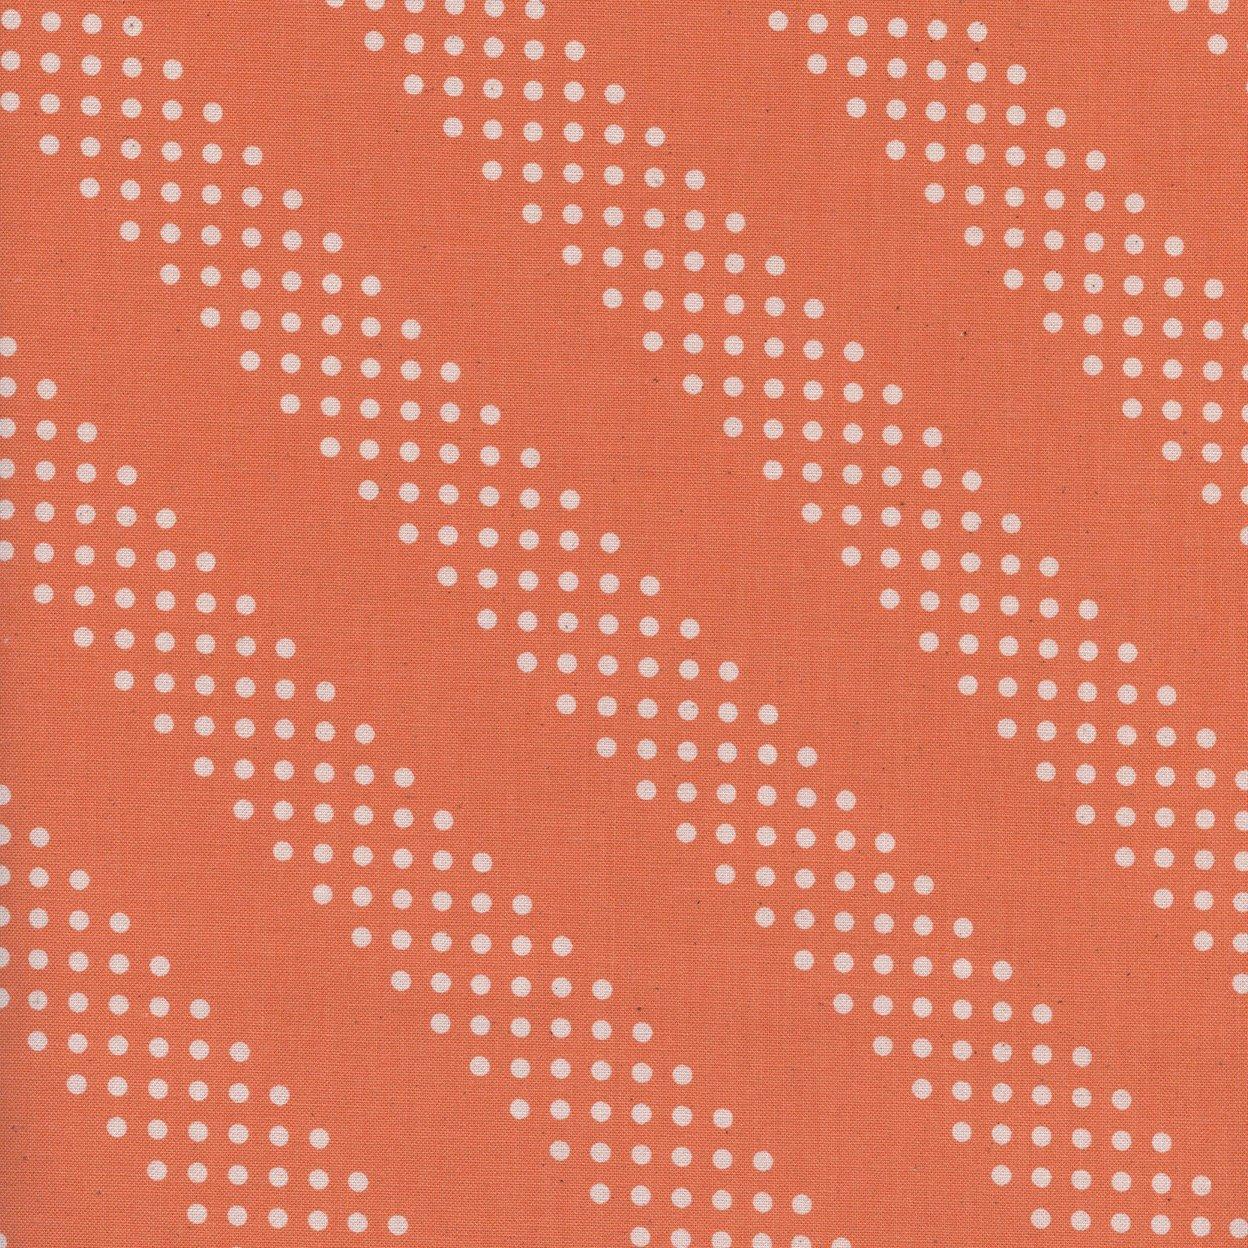 Dottie, Tangerine, Cotton and Steel Basics